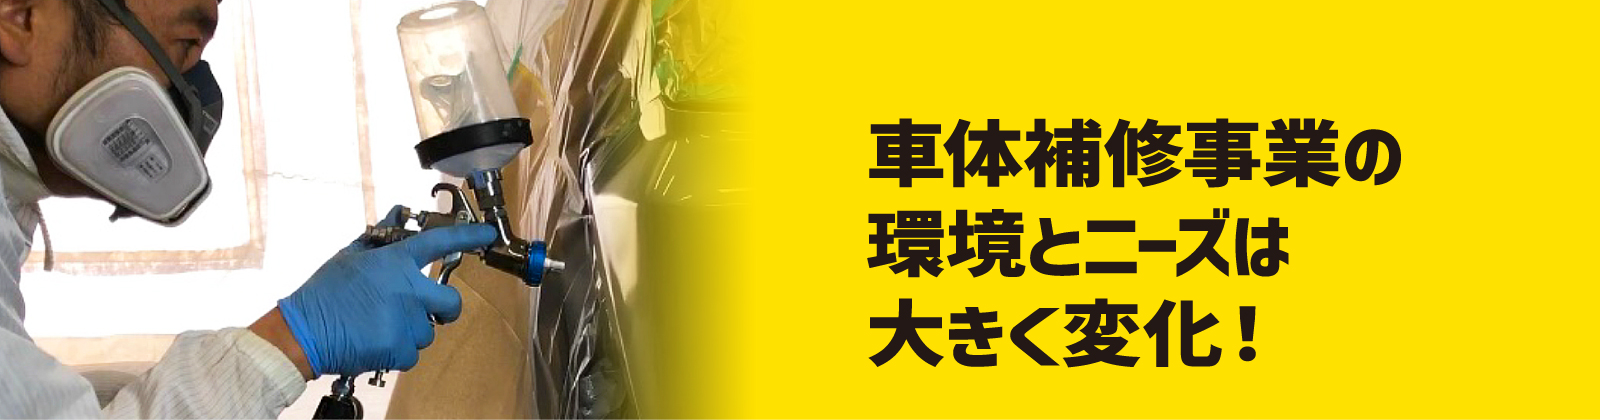 車体補修事業の環境とニーズは大きく変化!